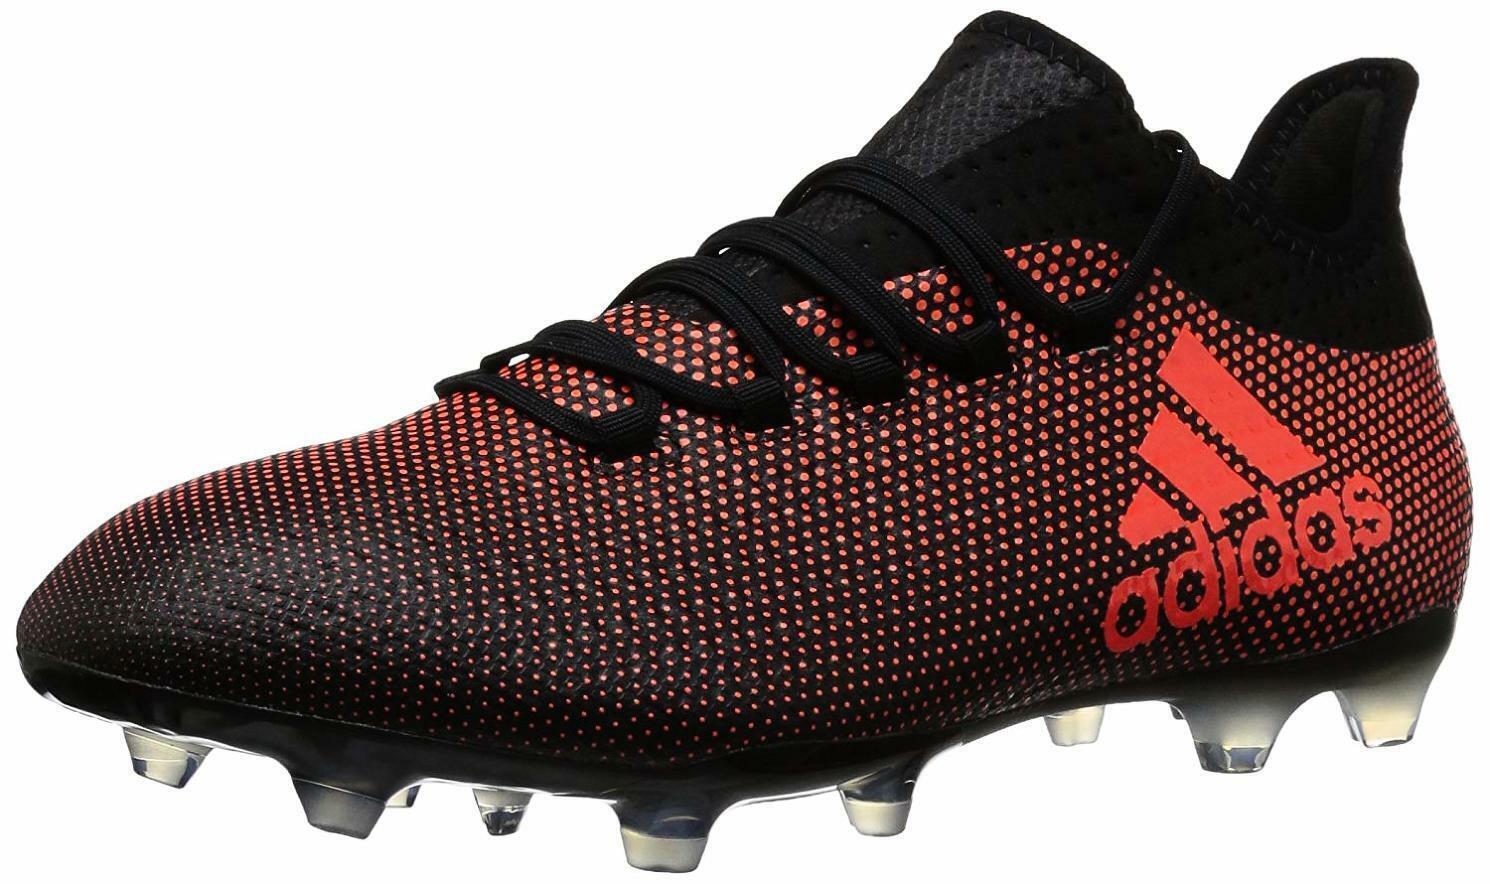 Adidas X 17.2 FG Soccer scarpe, grigio   Real Coral  Core nero, 7.5 M US  edizione limitata